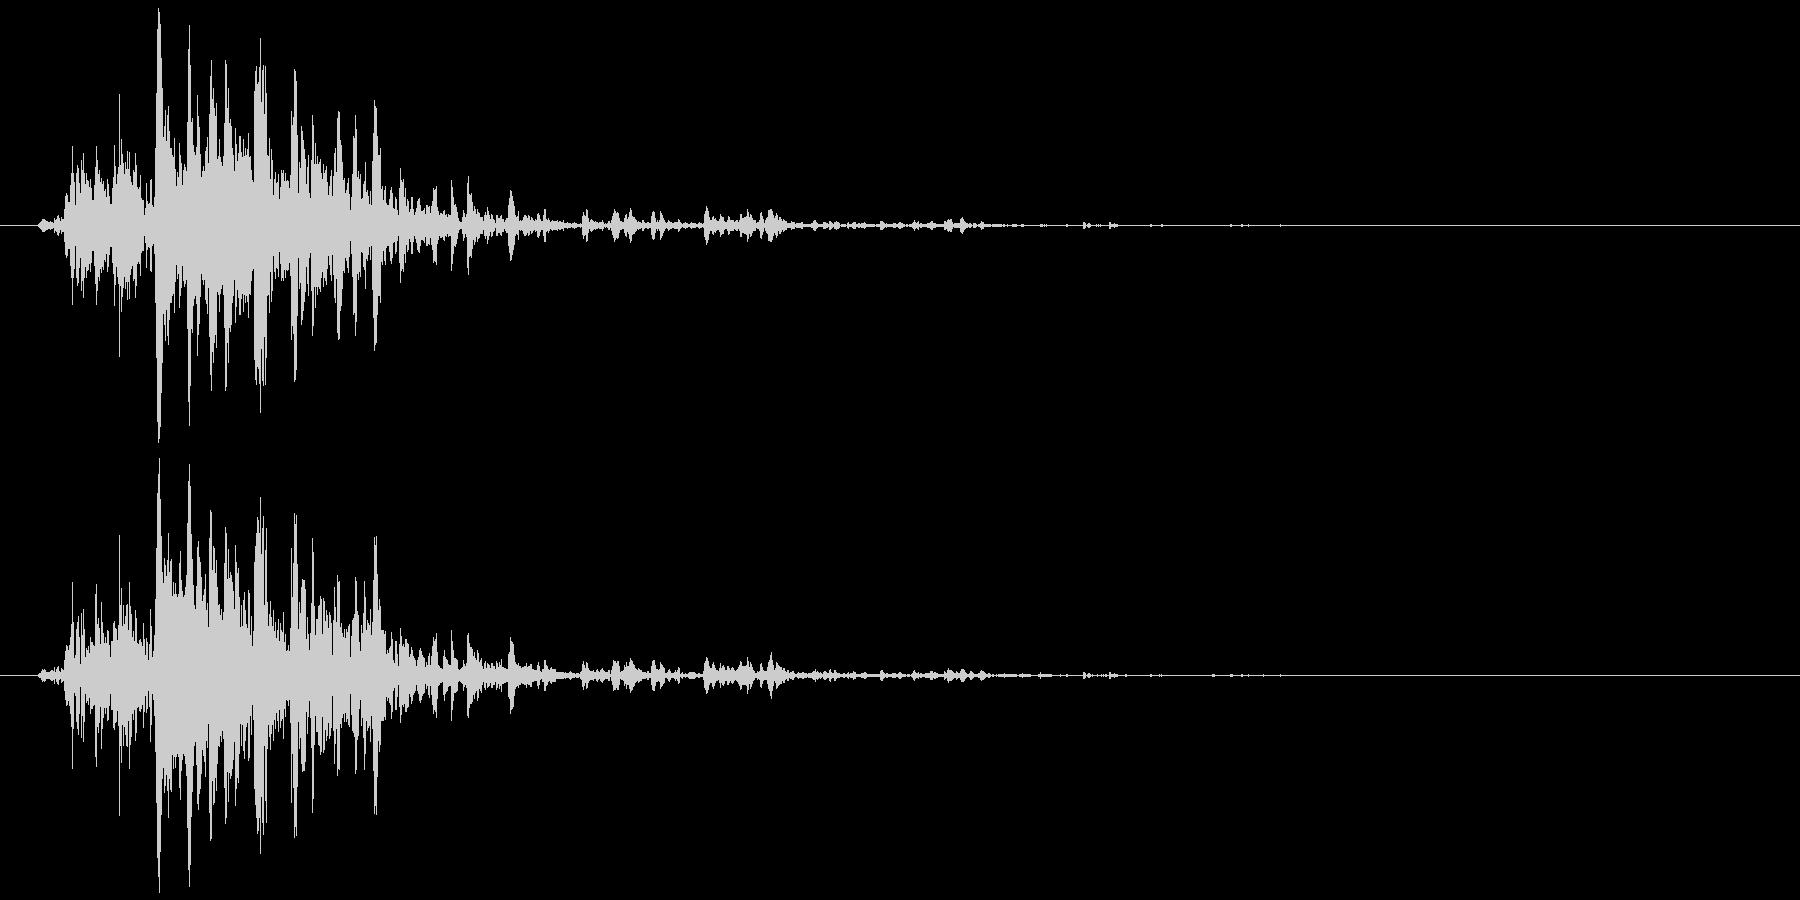 鈴の音 (高音)シャリッの未再生の波形